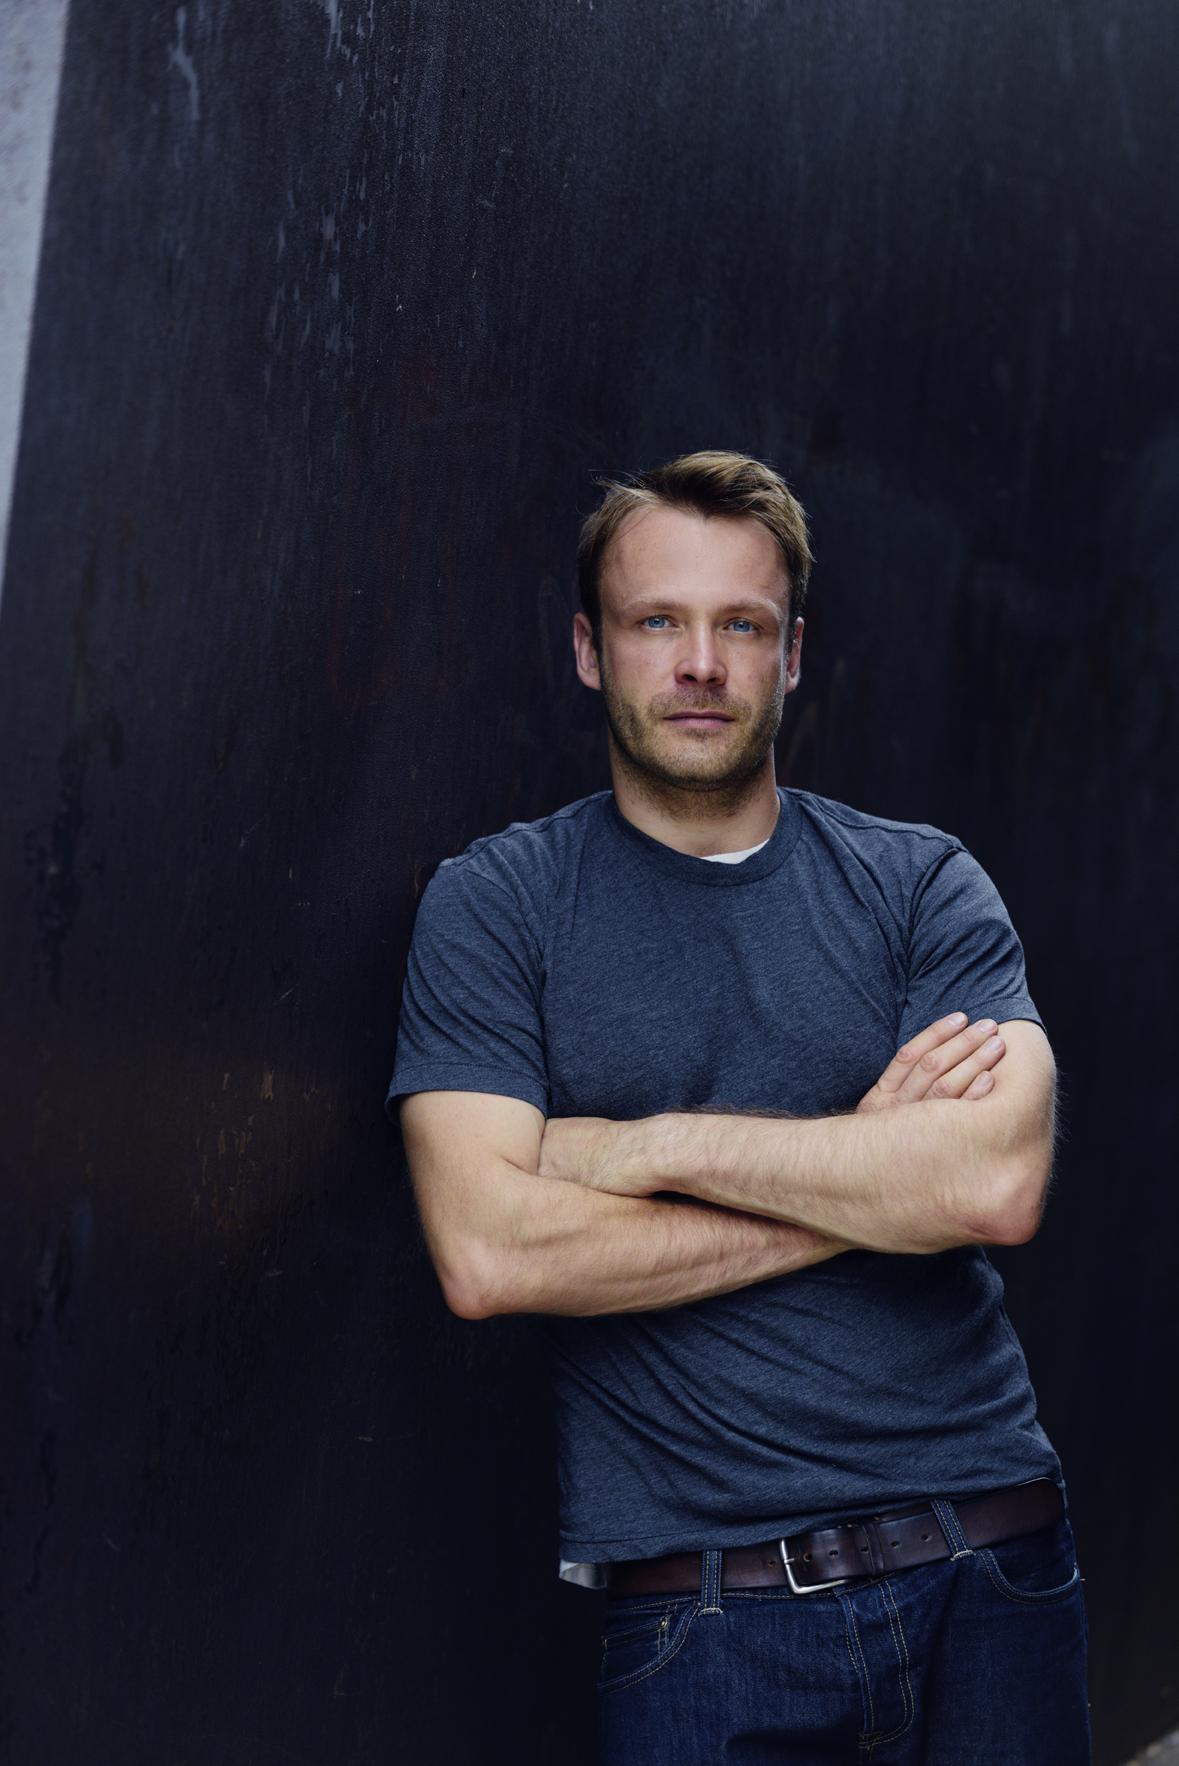 Matthias Ziesing